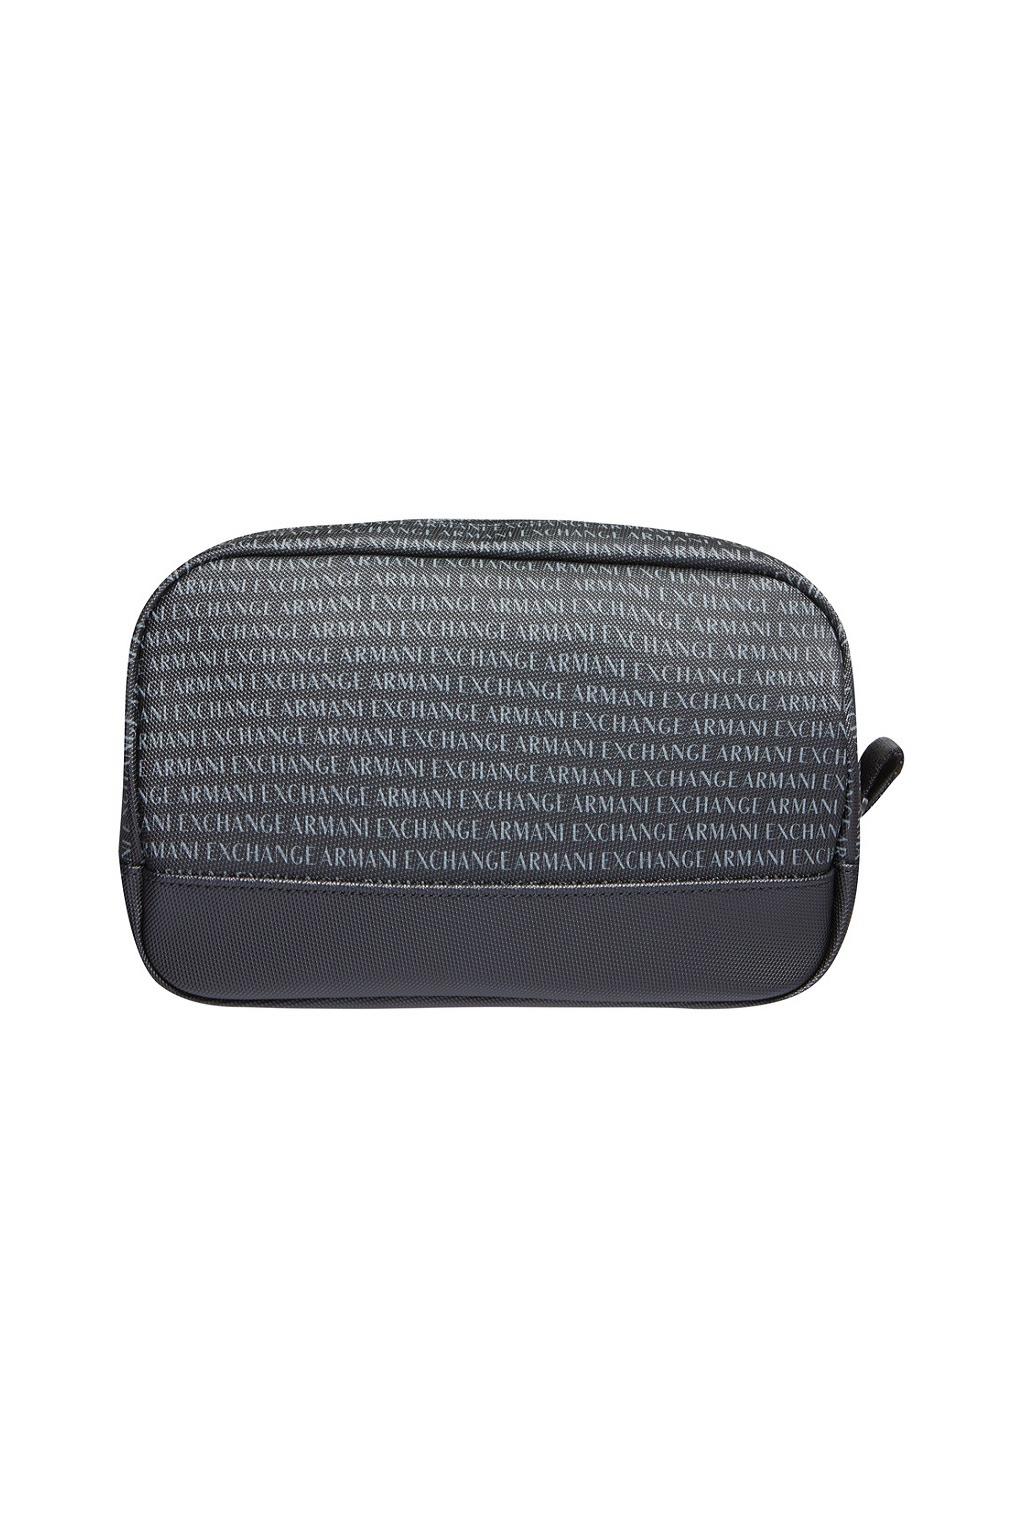 958096 CC012 Pánská toaletní taška Armani Exchange černá